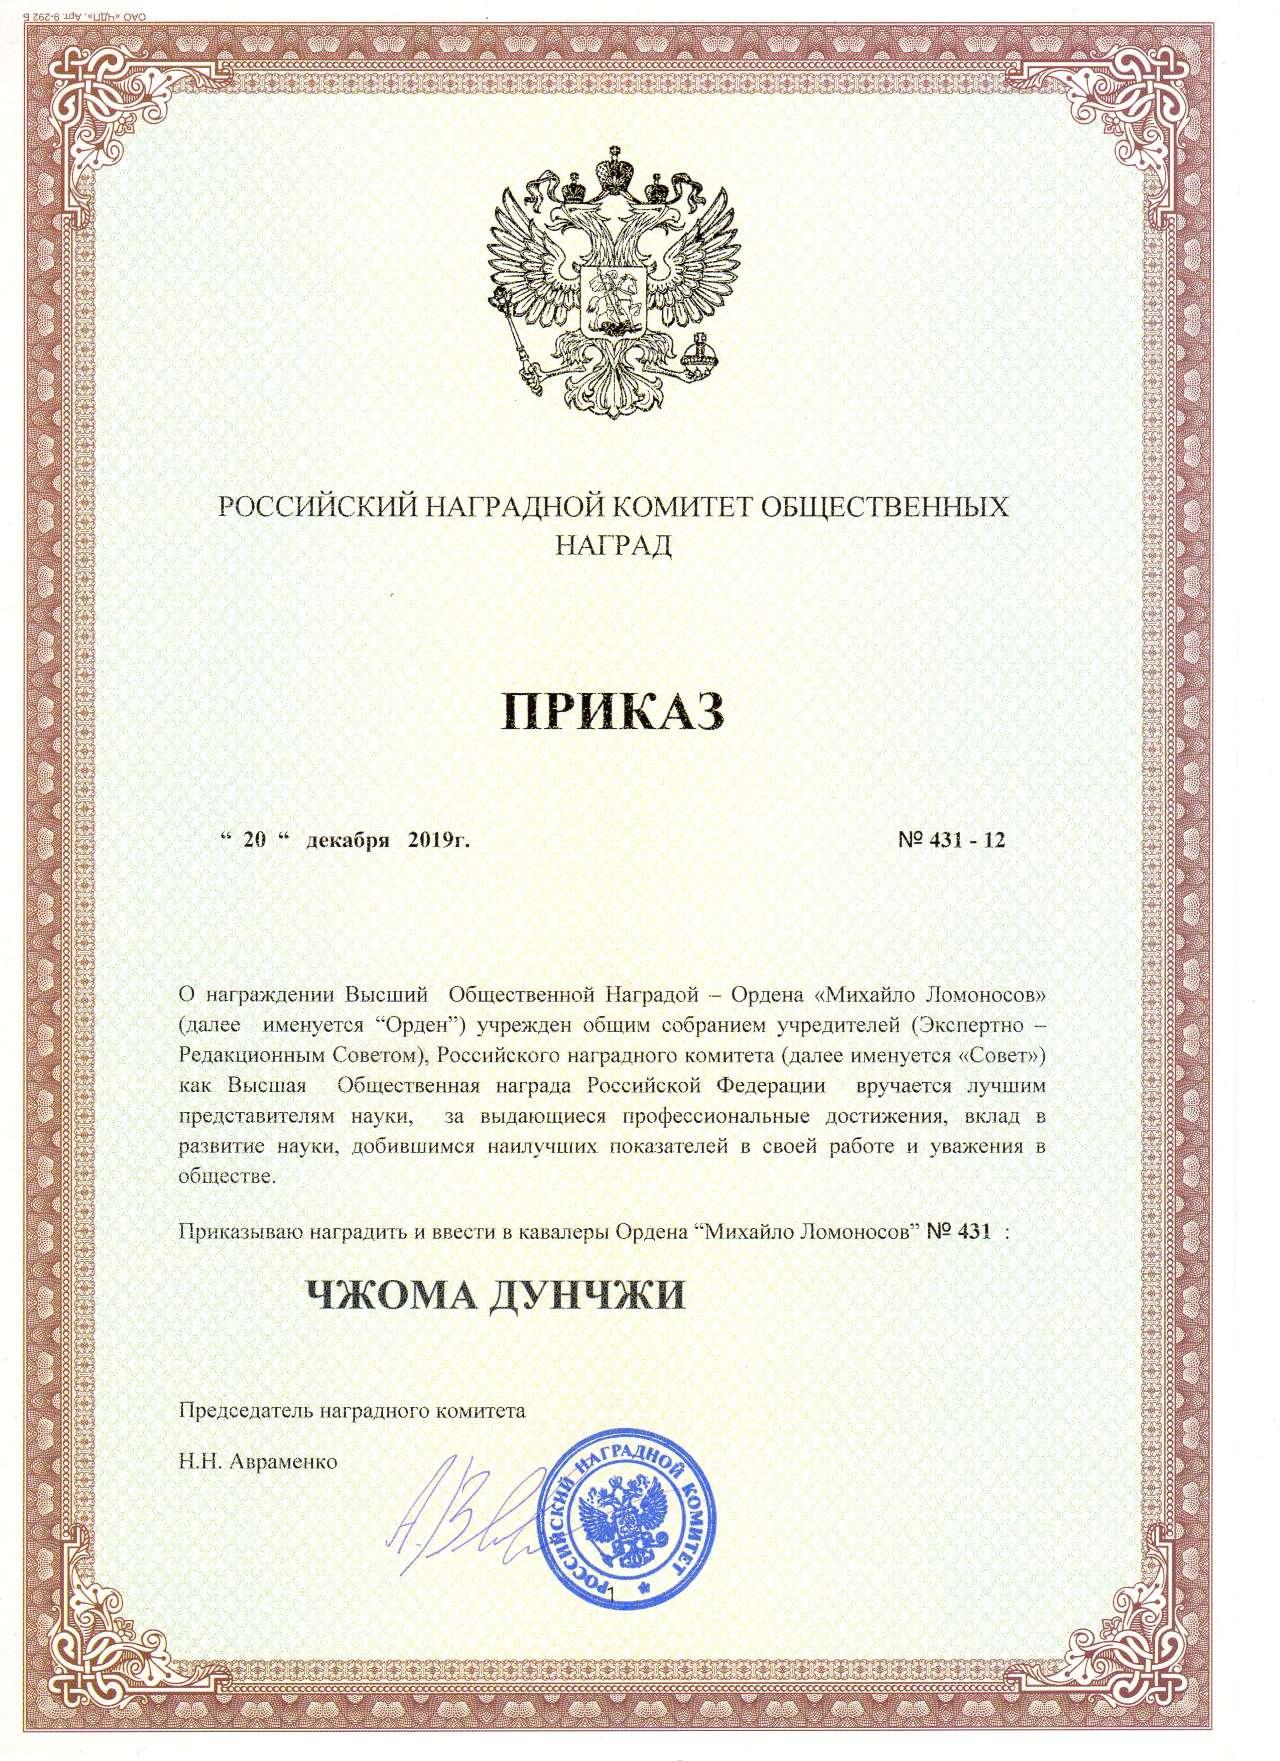 печать российский наградной комитет применяется автомобилях заднеприводной